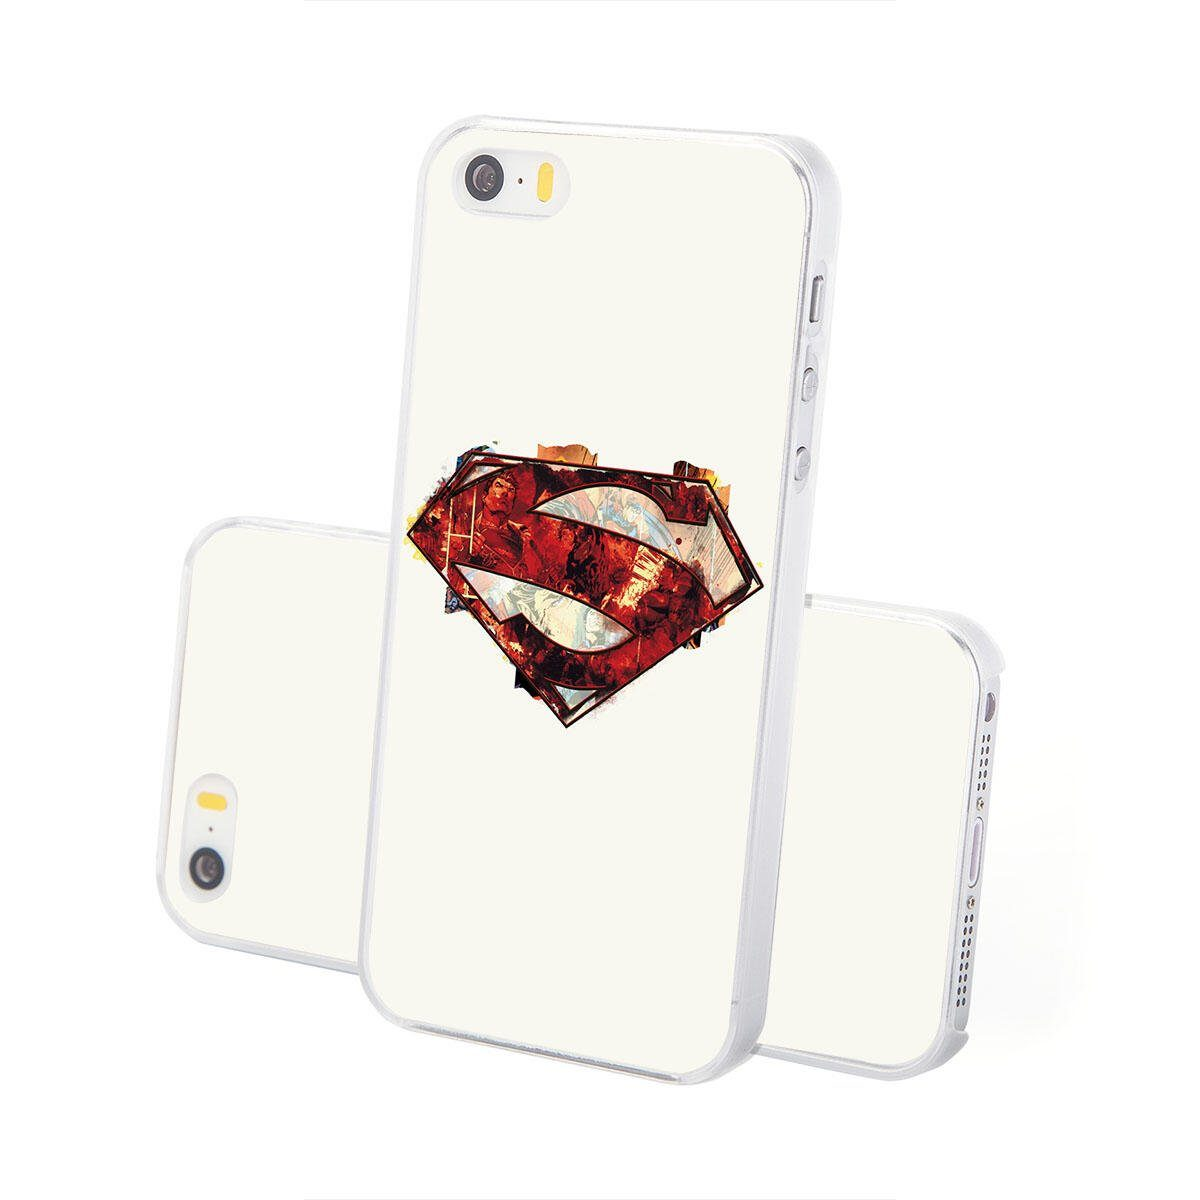 Finoo Smartphone-Hülle Iphone 5 / 5S / SE